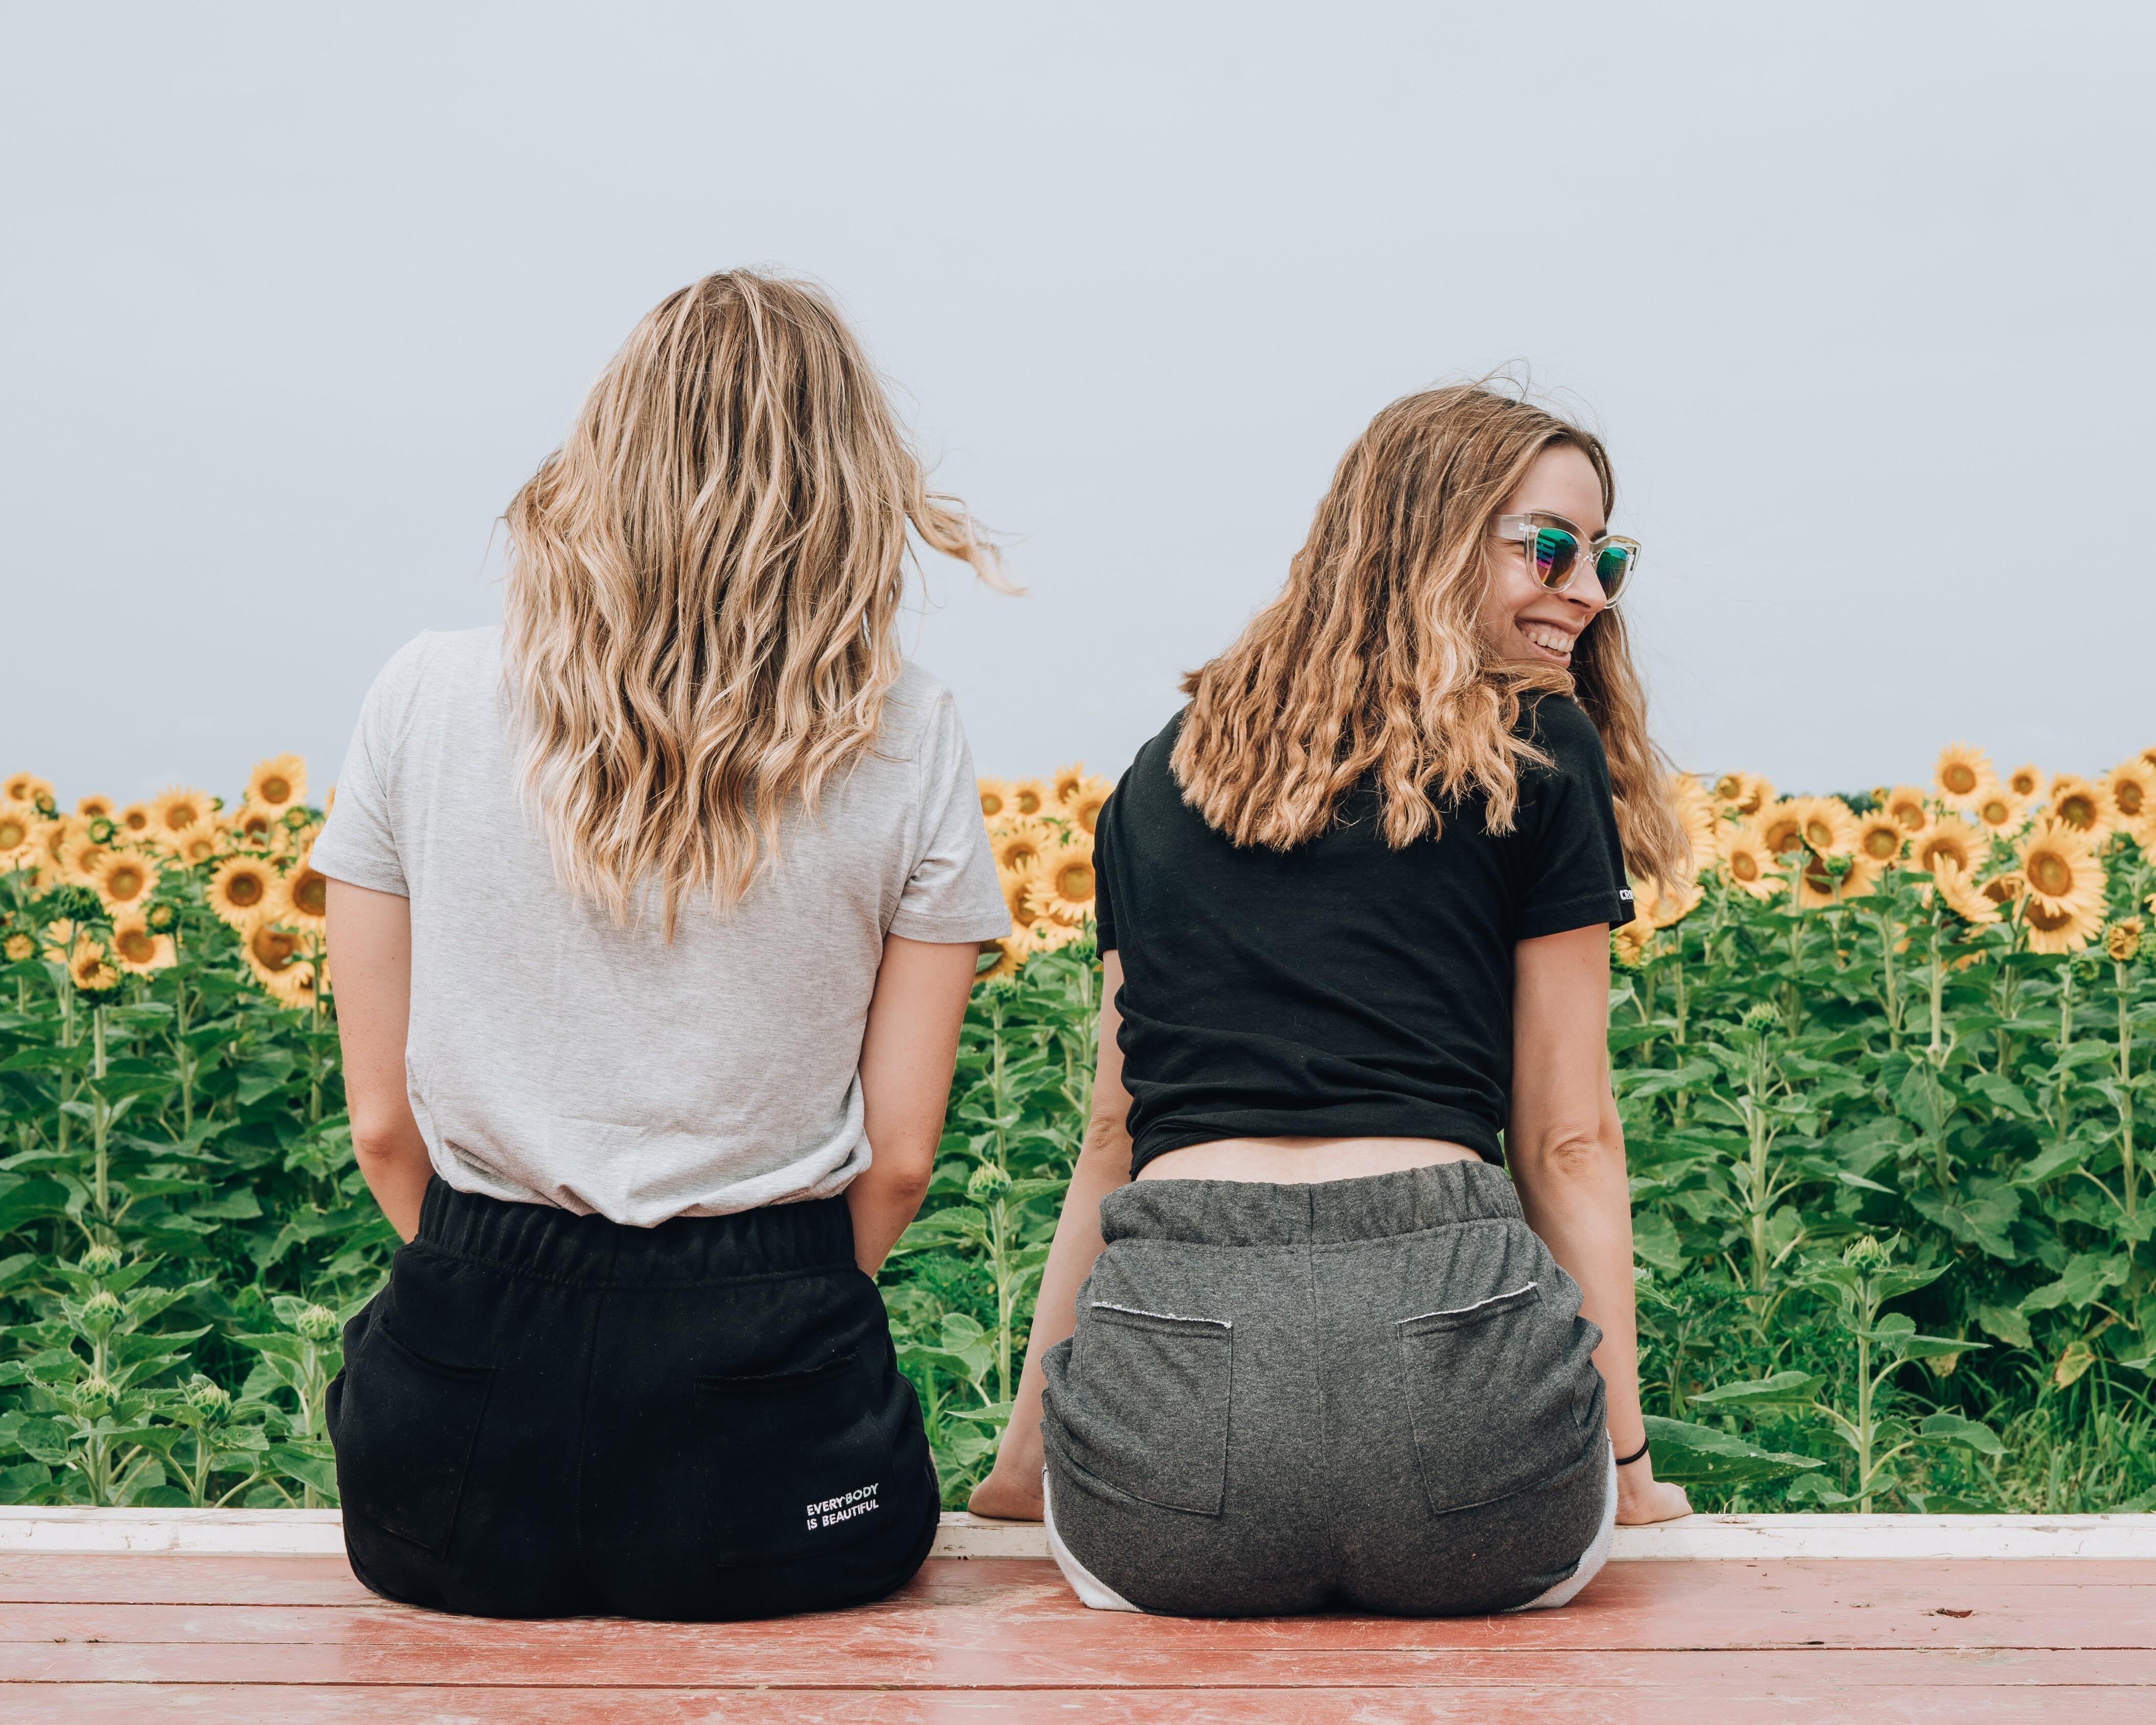 8 типов подруг, общение скоторыми токсично иделает твою жизнь только хуже